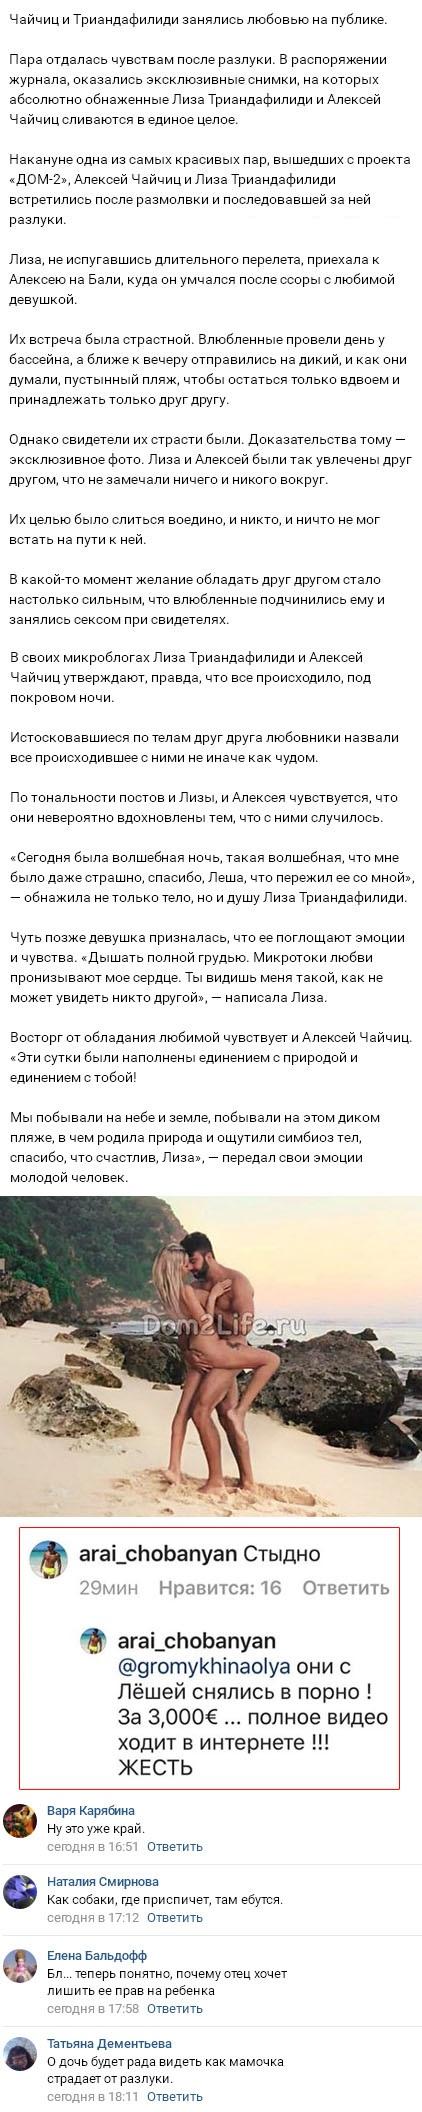 Елизавета Триандафилиди и Алексей Чайчиц снялись в фильме для взрослых